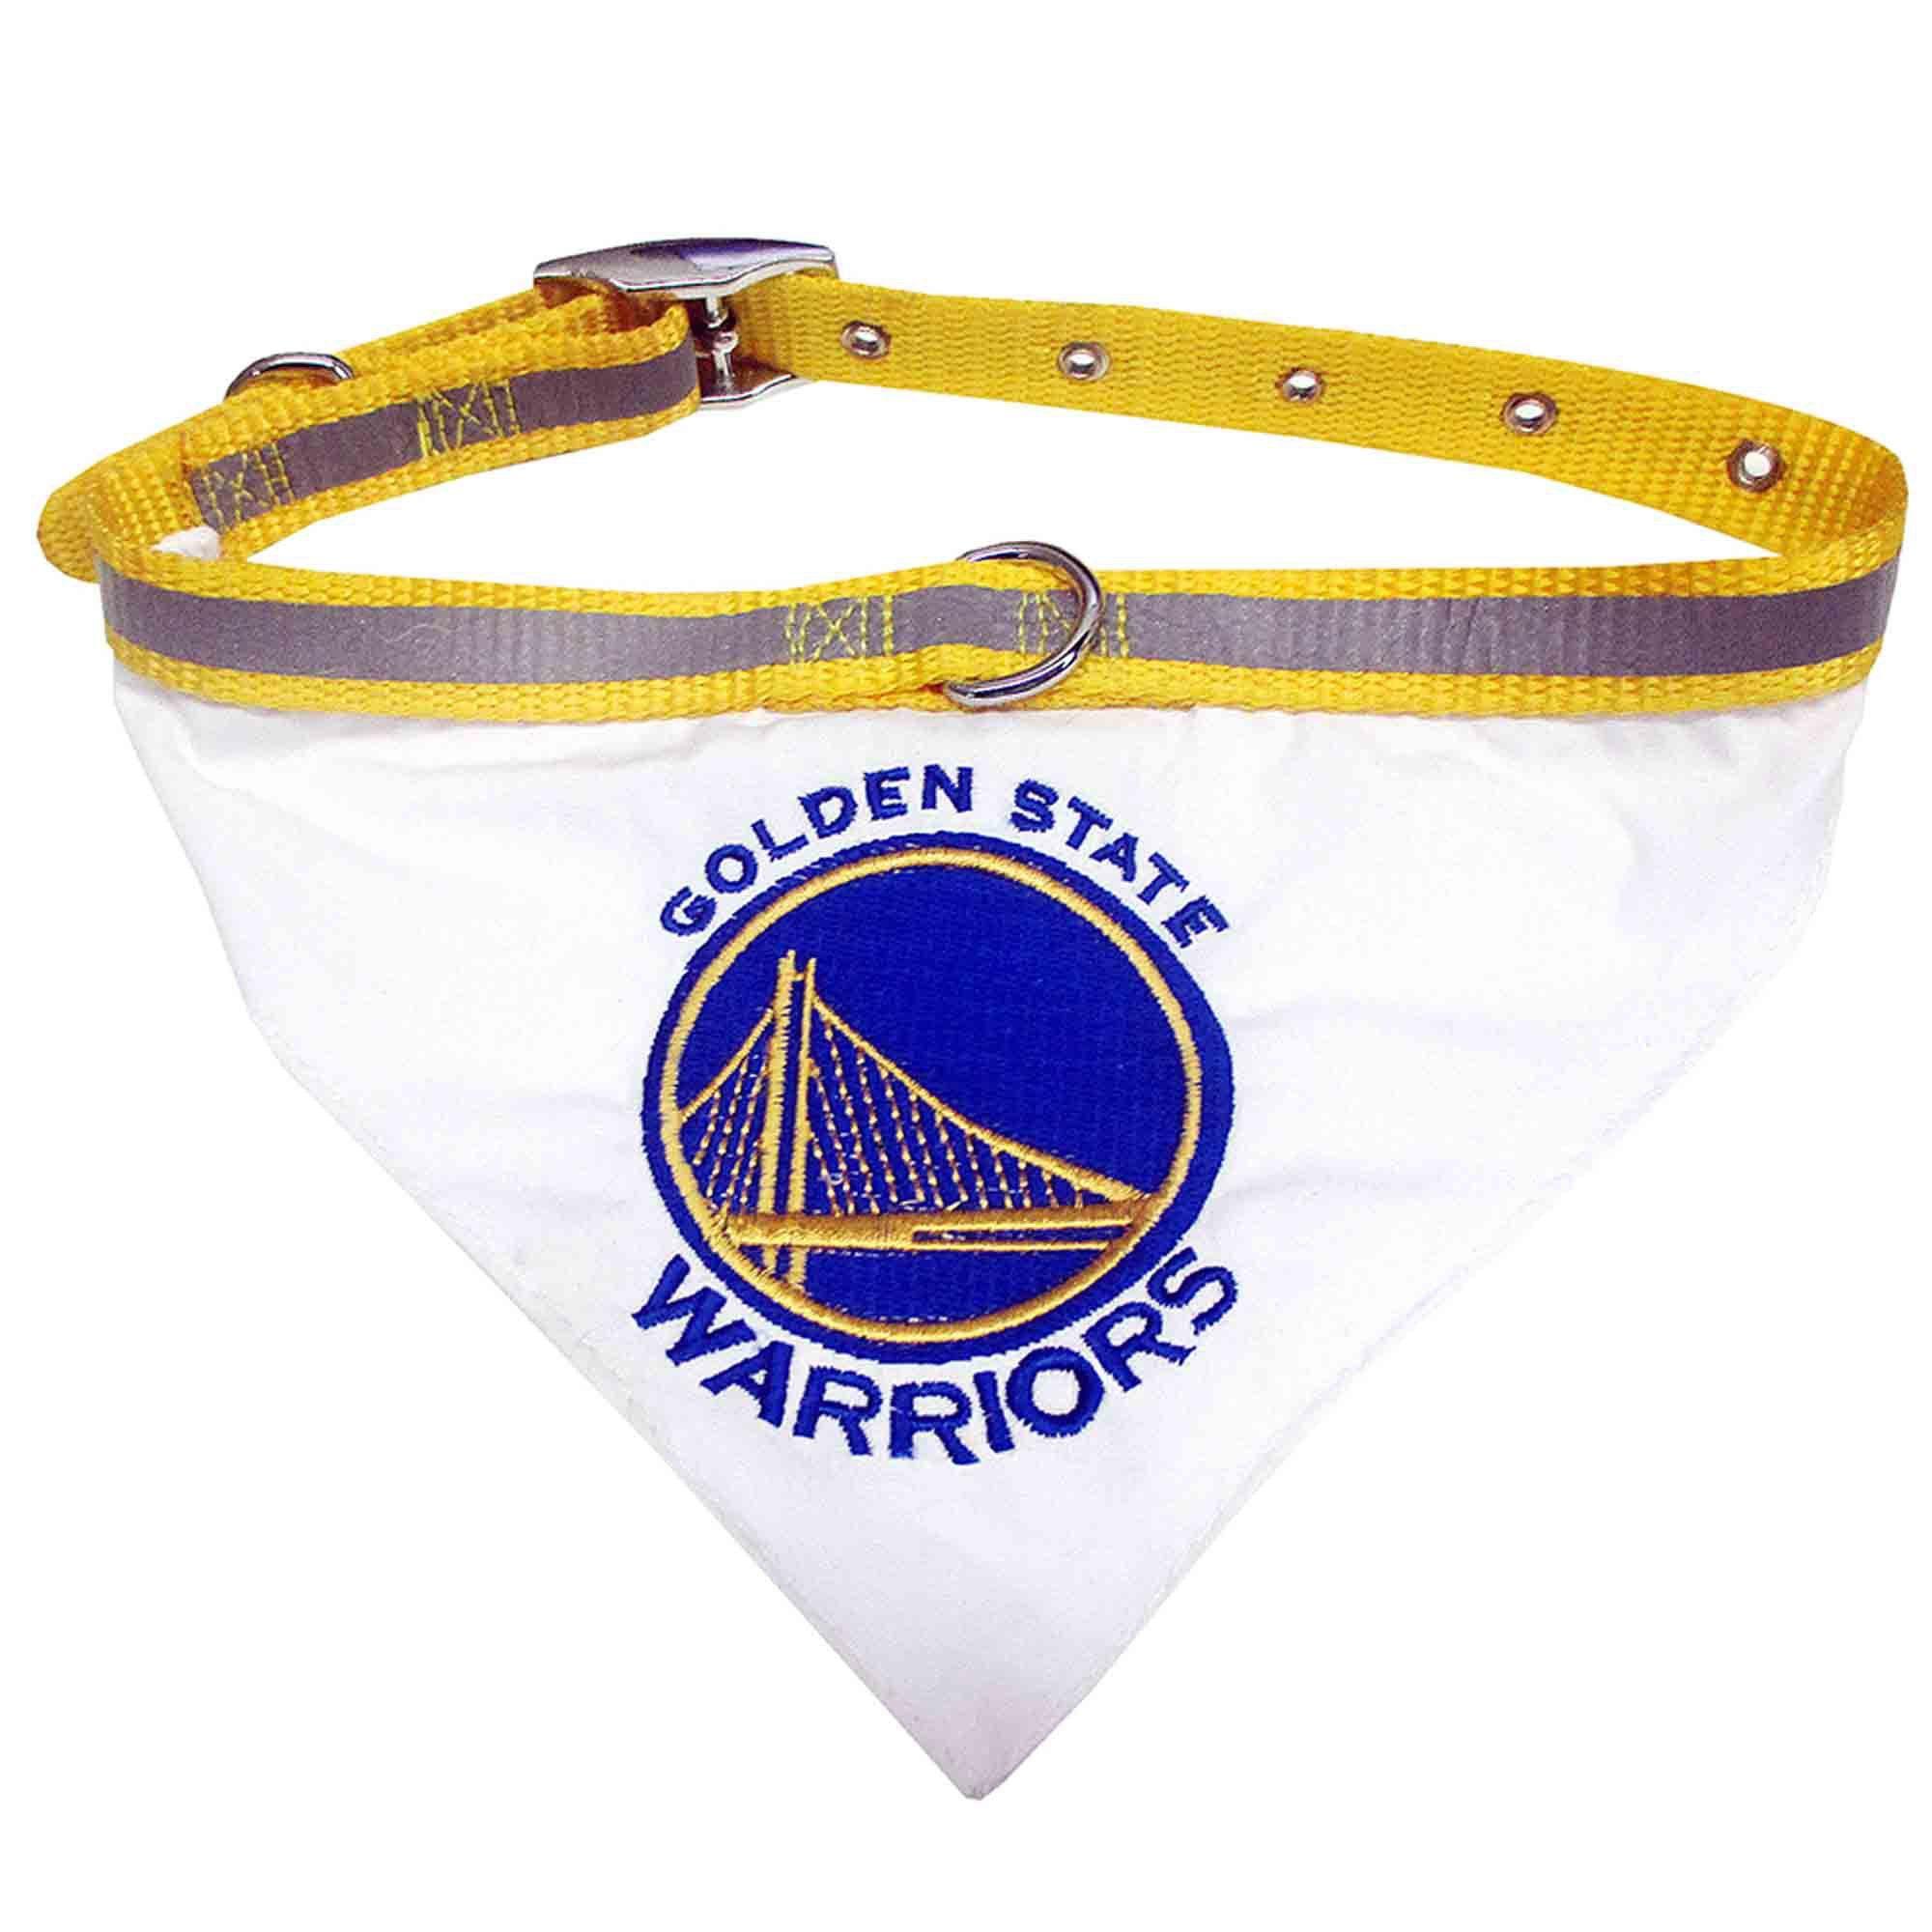 Pets First Golden State Warriors Pet Collar Bandana Medium Dog Collar Bandana Pet Collars Golden State Warriors